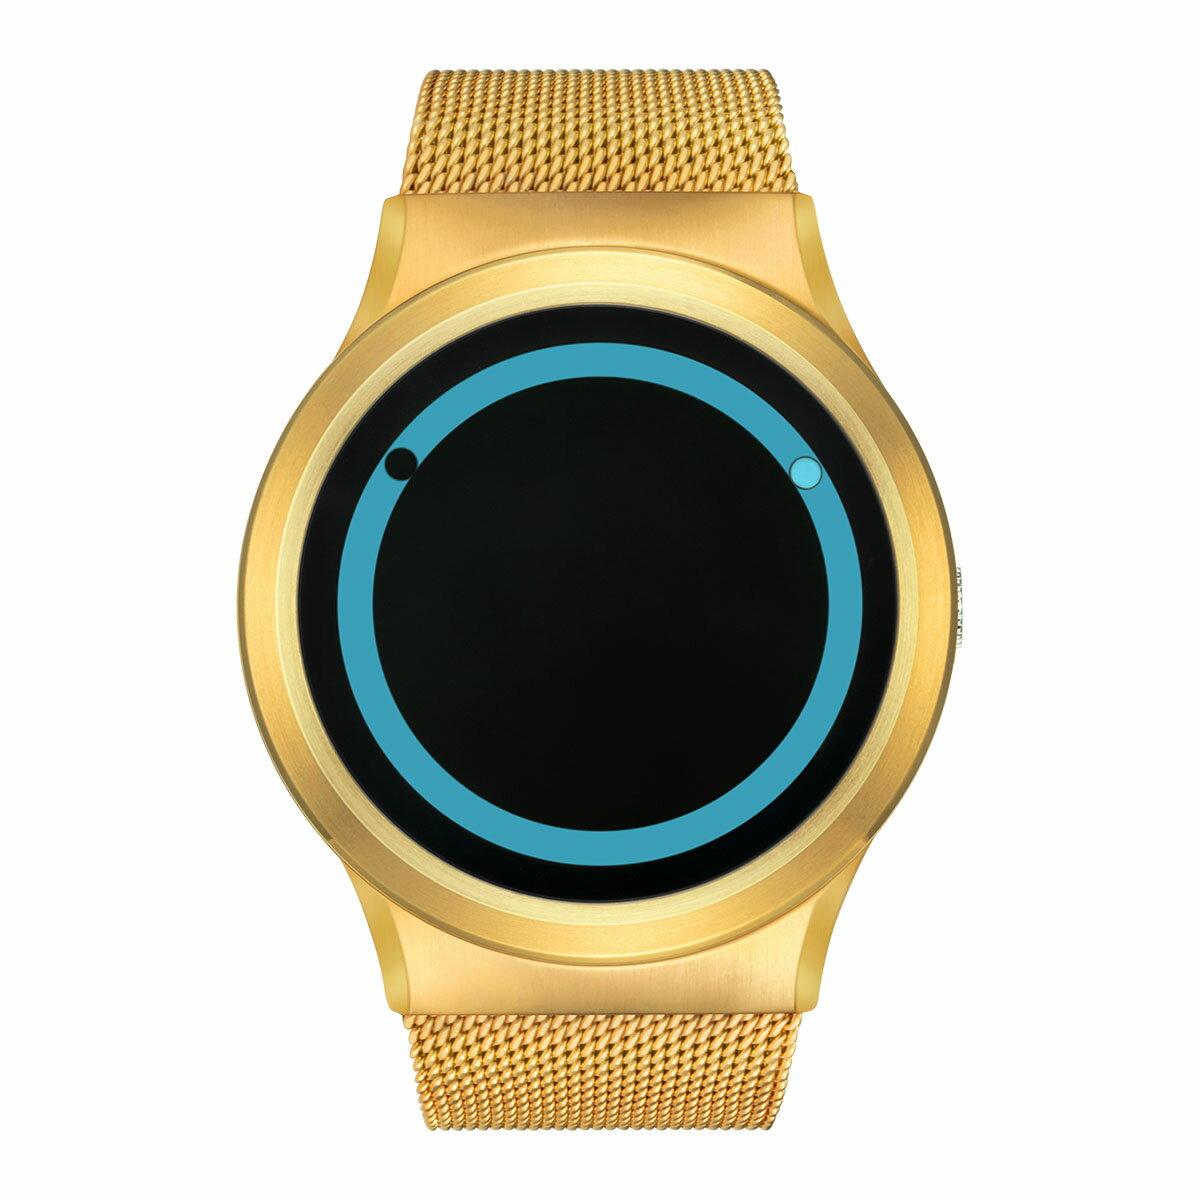 ZEROO PLANET ECLIPSE ゼロ 電池式クォーツ 腕時計 [W13027B04SM04] ブルー デザインウォッチ ペア用 メンズ レディース ユニセックス おしゃれ時計 デザイナーズ